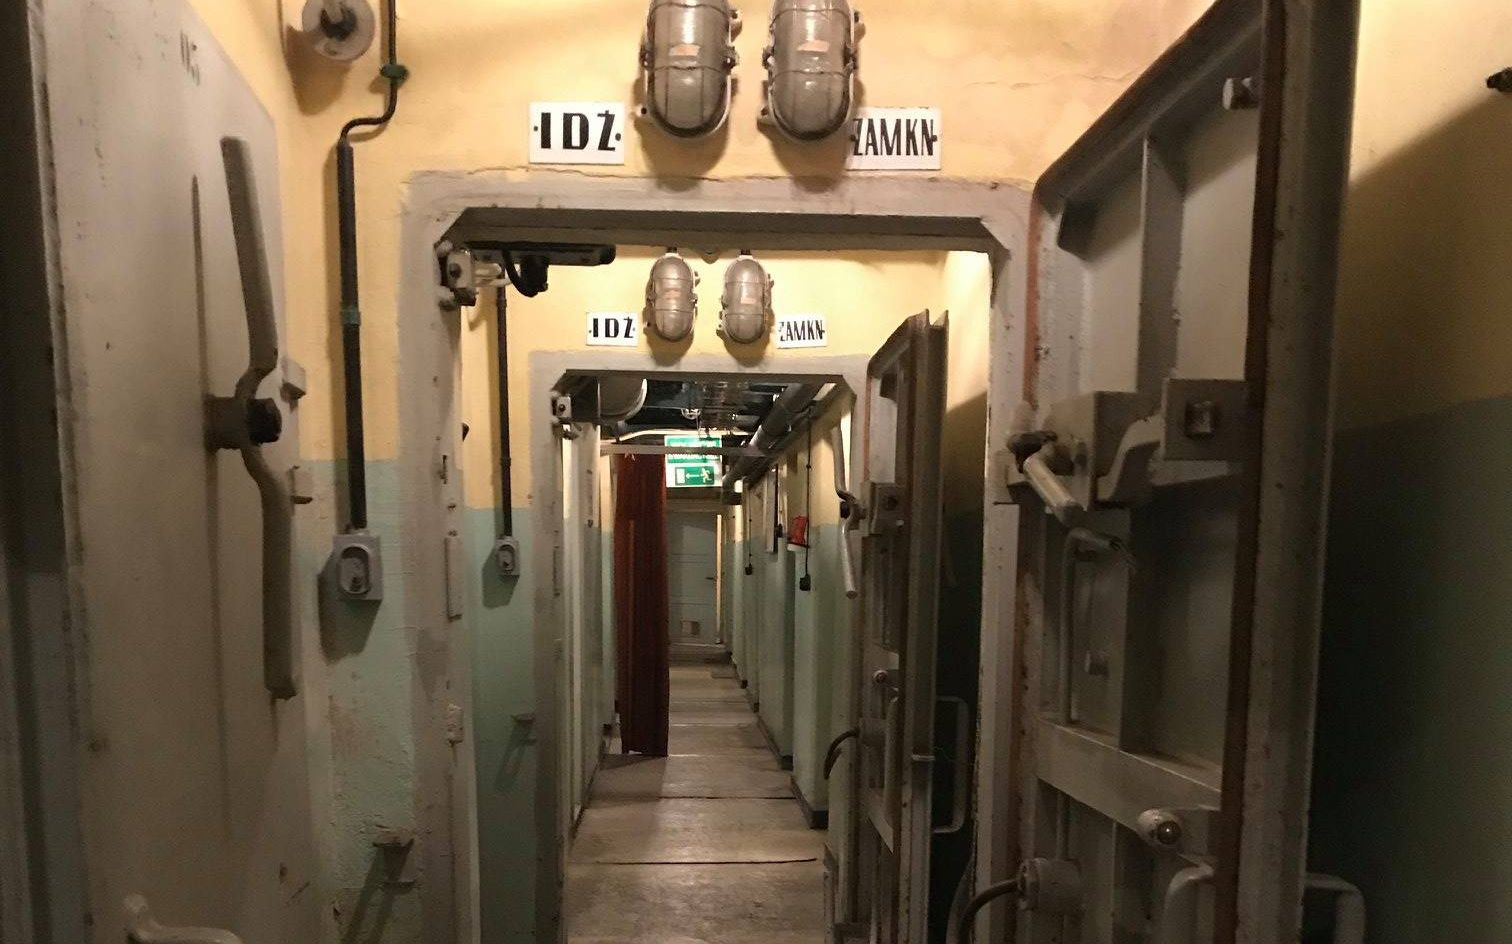 Tajemniczy dom w Rzeszowie. Poznaj jego historię [ZDJĘCIA, WIDEO, MAPA] - Zdjęcie główne